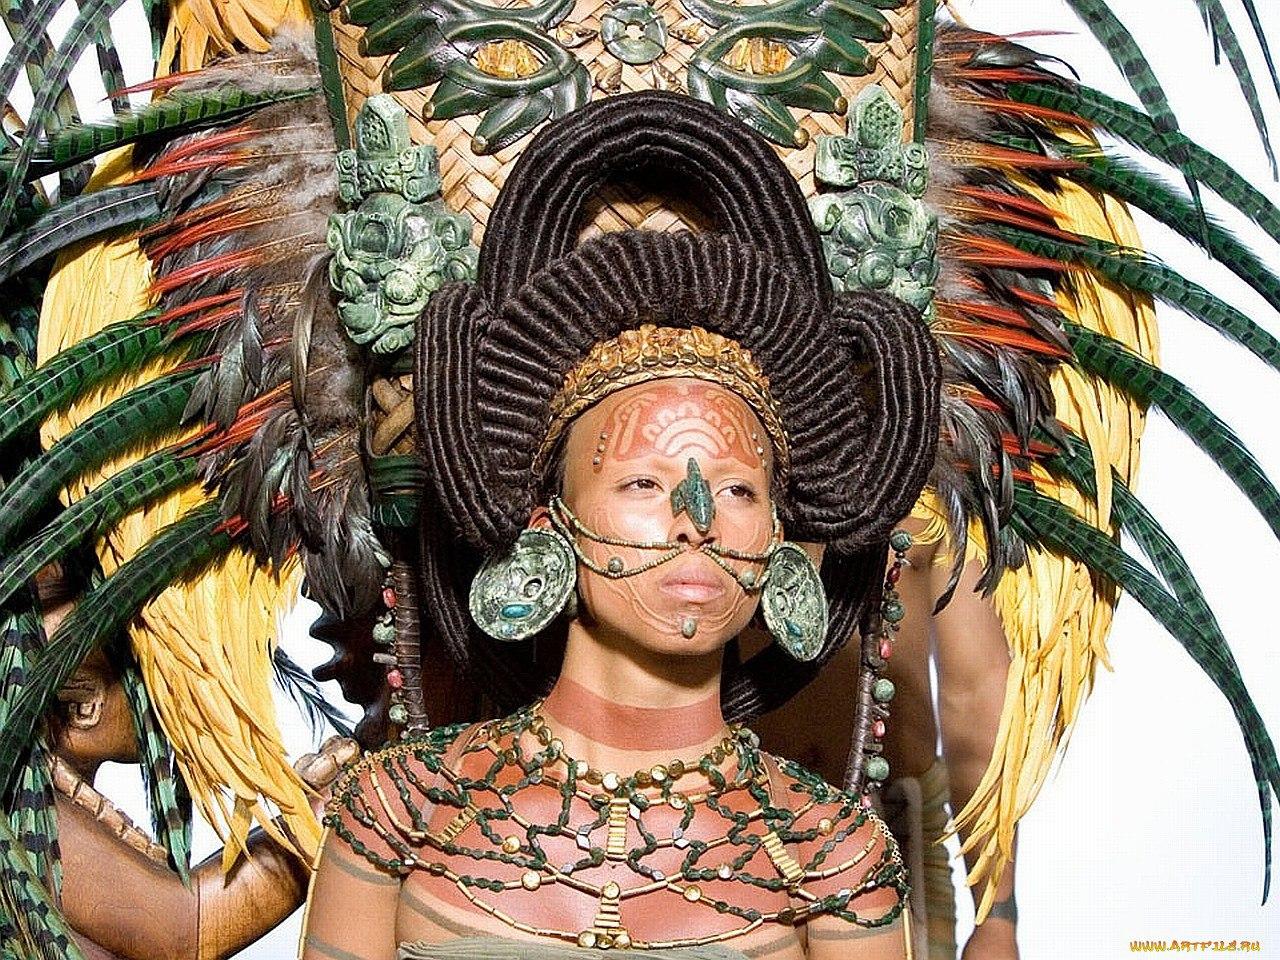 островах все про майя картинки есть